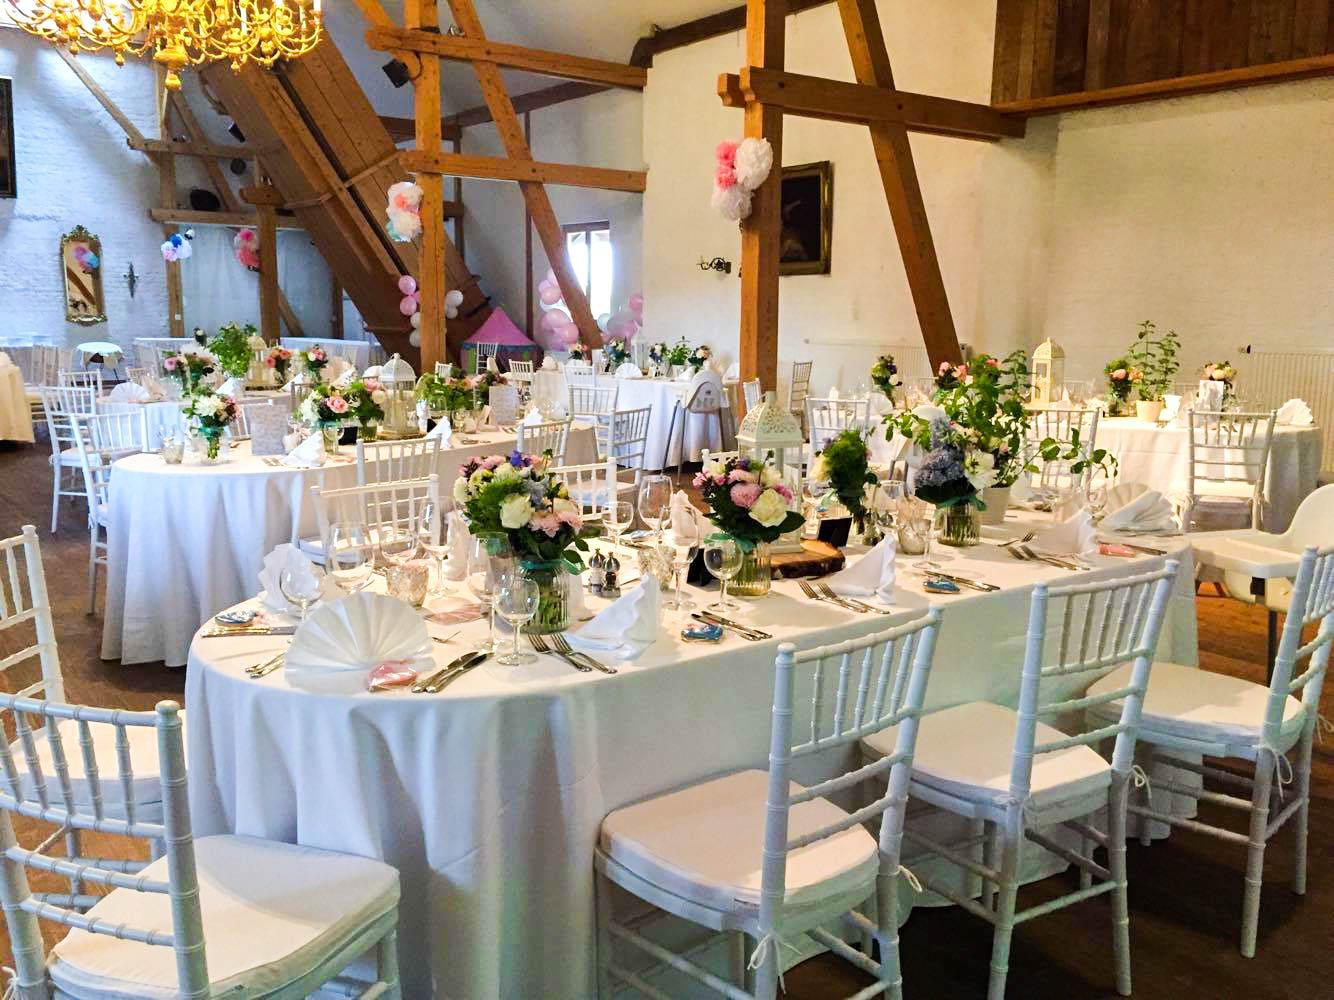 Tiffanistühle für die Hochzeit in der Scheune